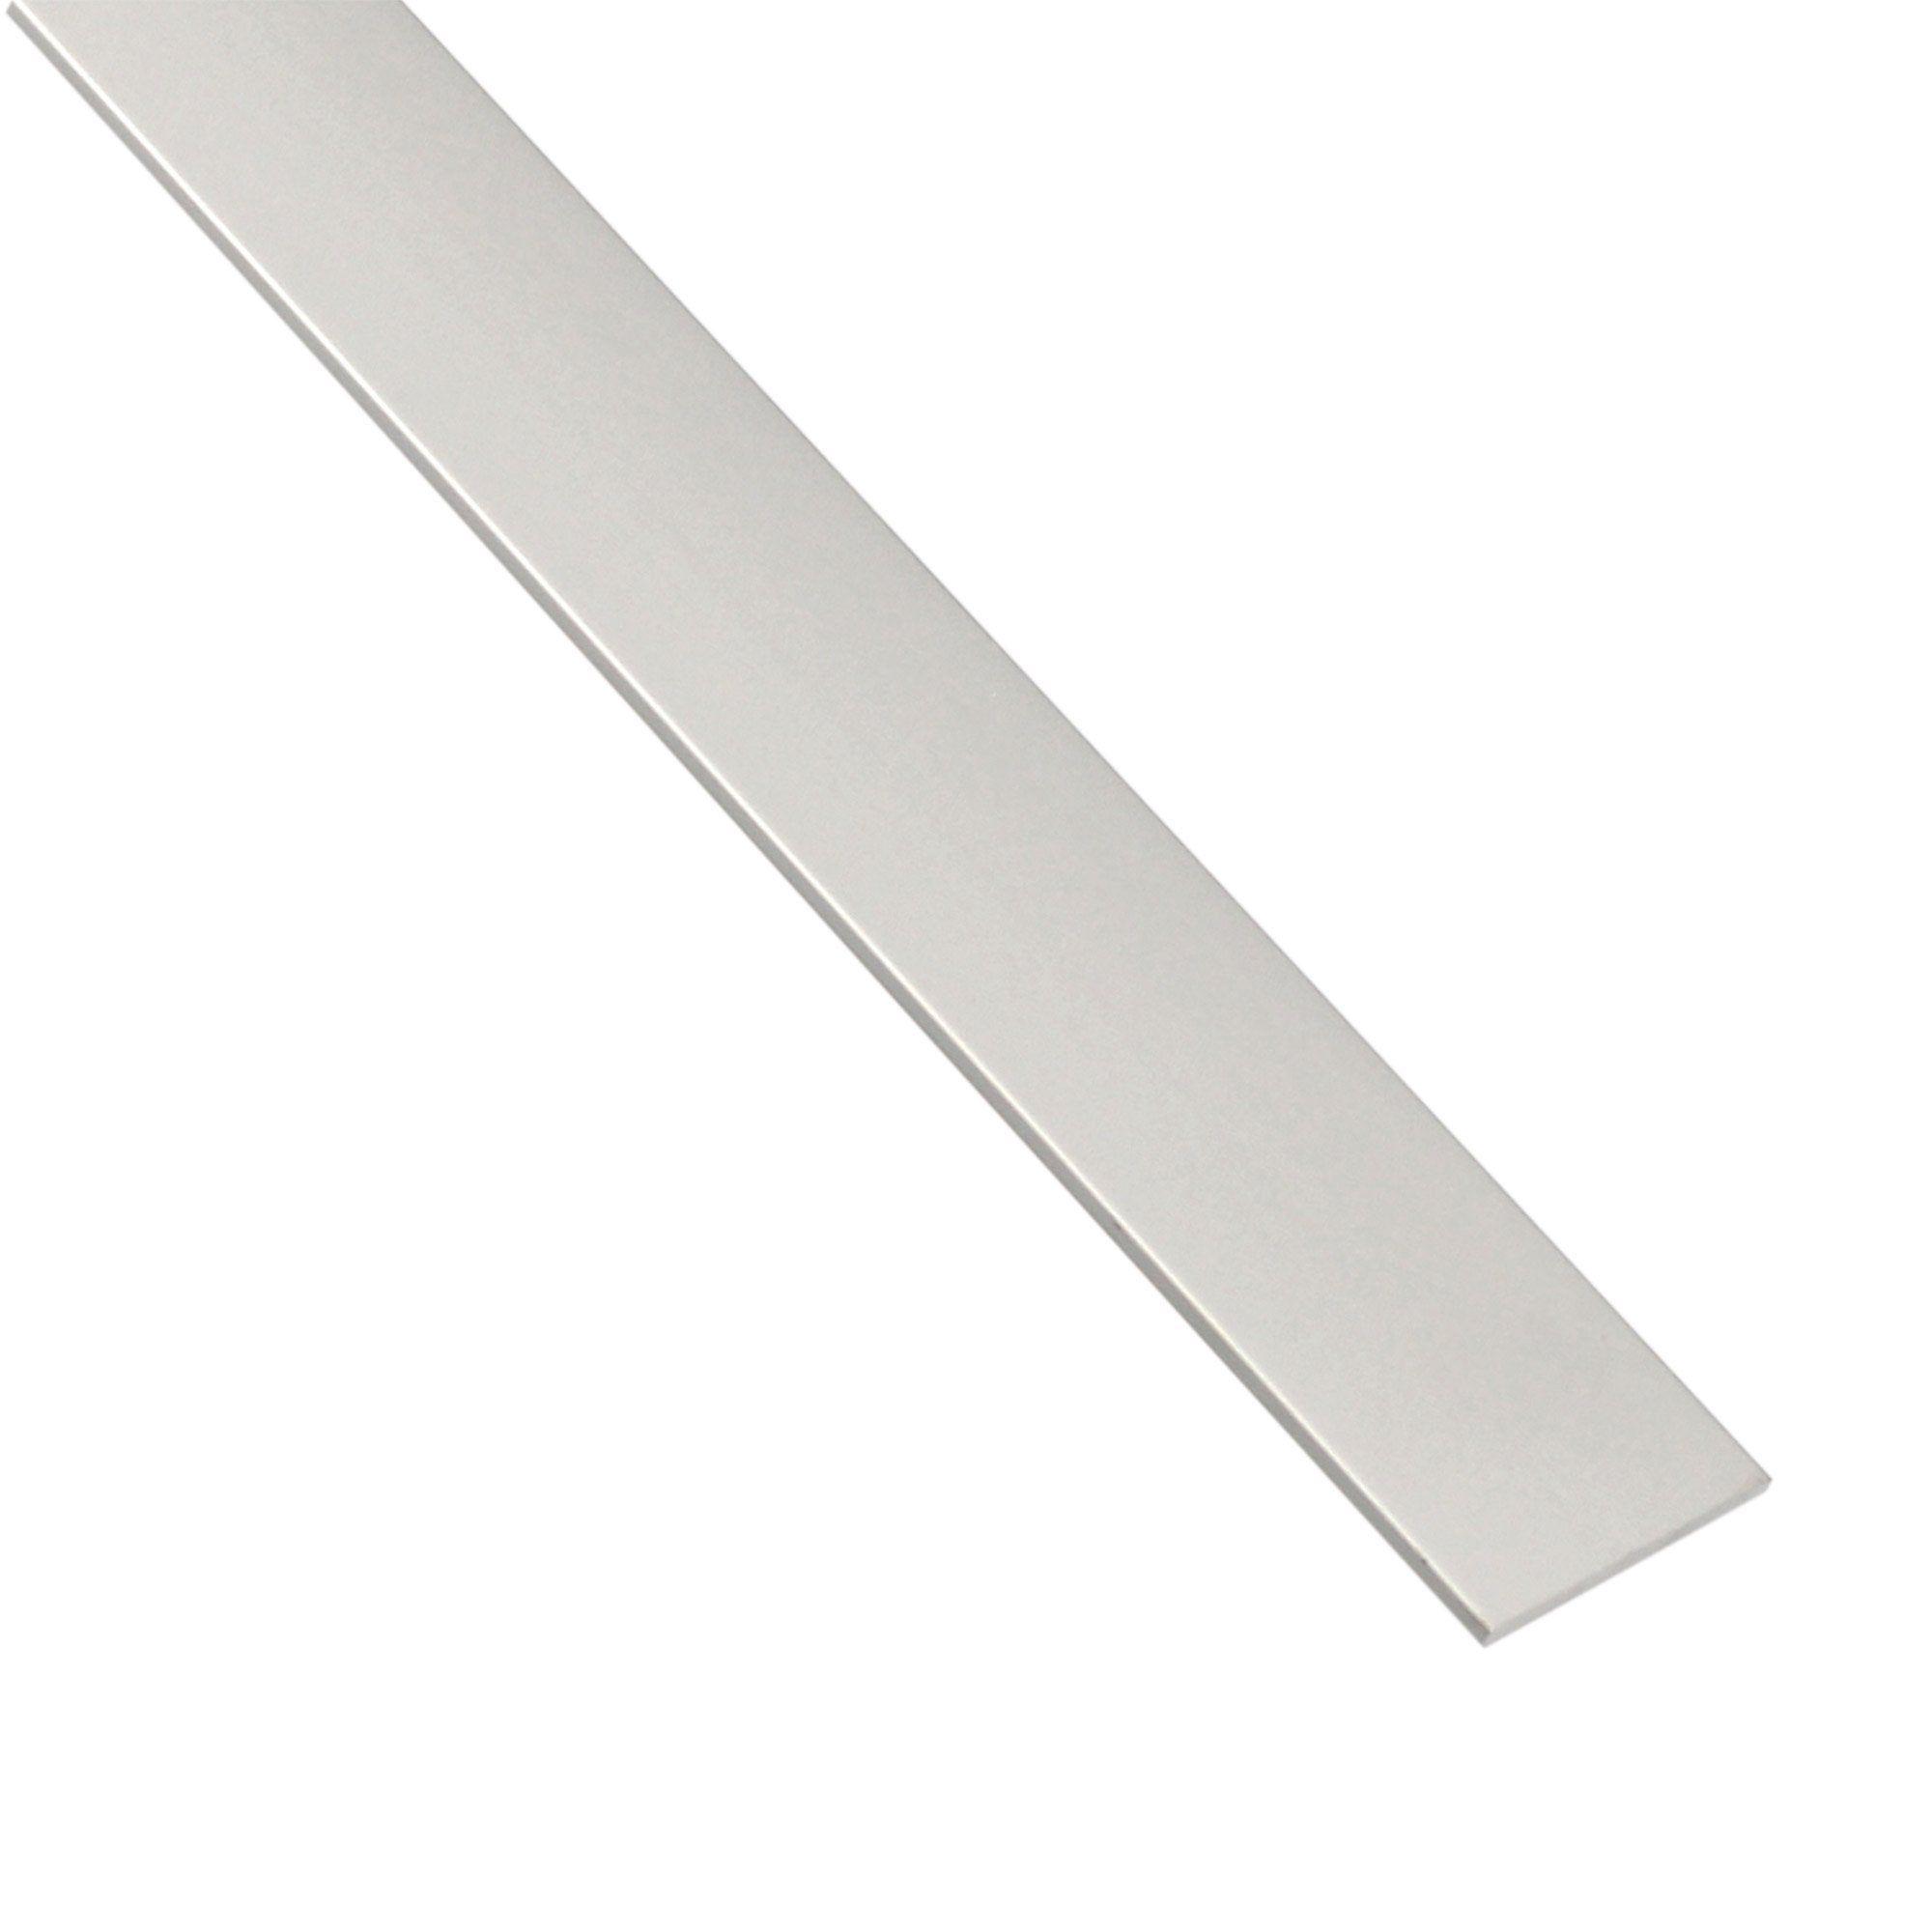 Plat Aluminium Anodisé Argent L1 M X L4 Cm X H03 Cm